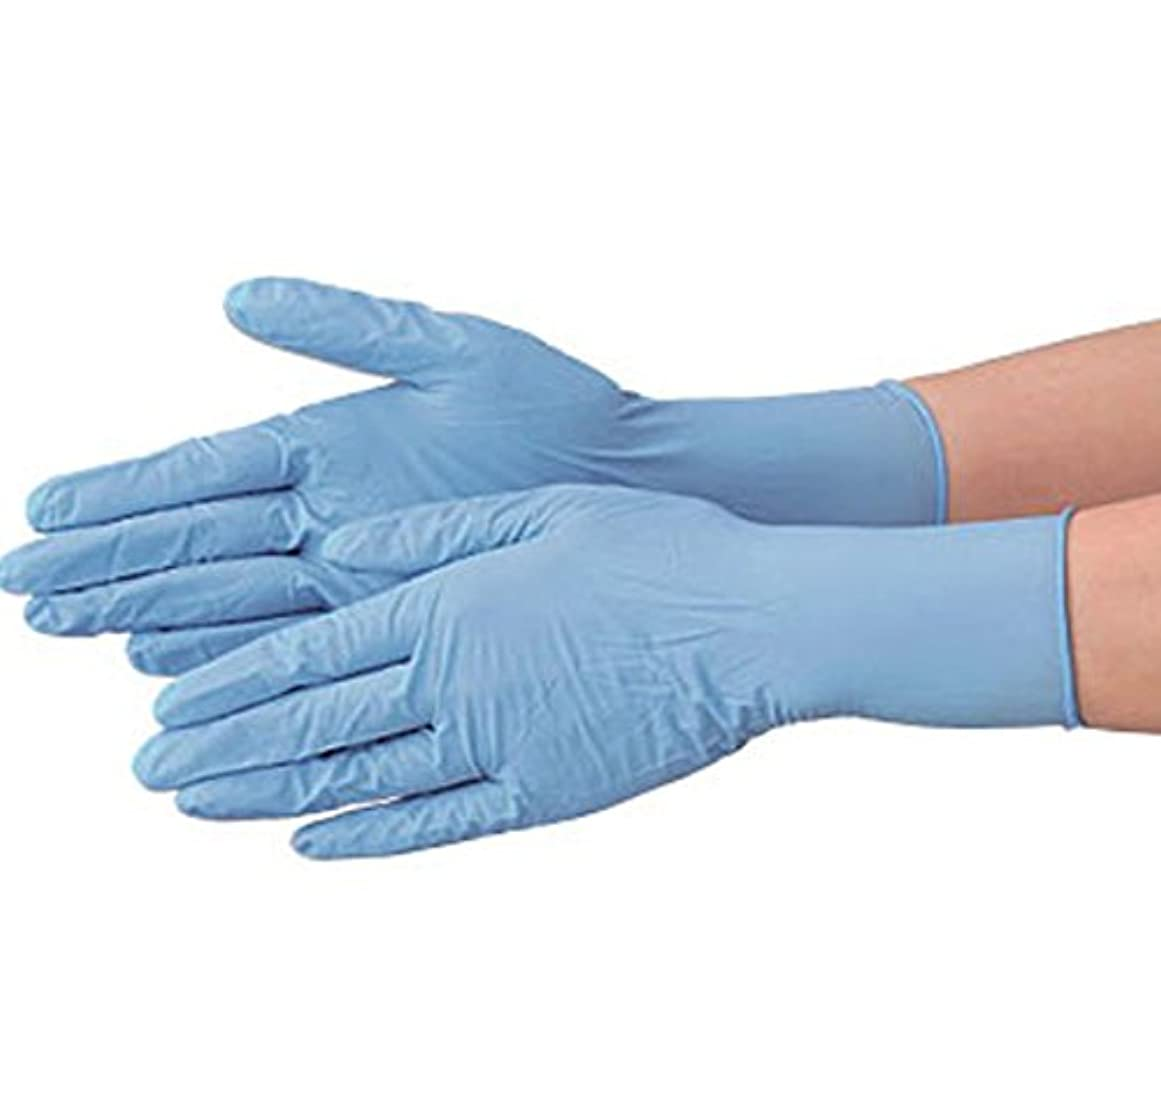 黒板会員ファセット使い捨て 手袋 エブノ 510 ニトリル 極薄手袋 ブルー Sサイズ 2ケース(100枚×40箱)